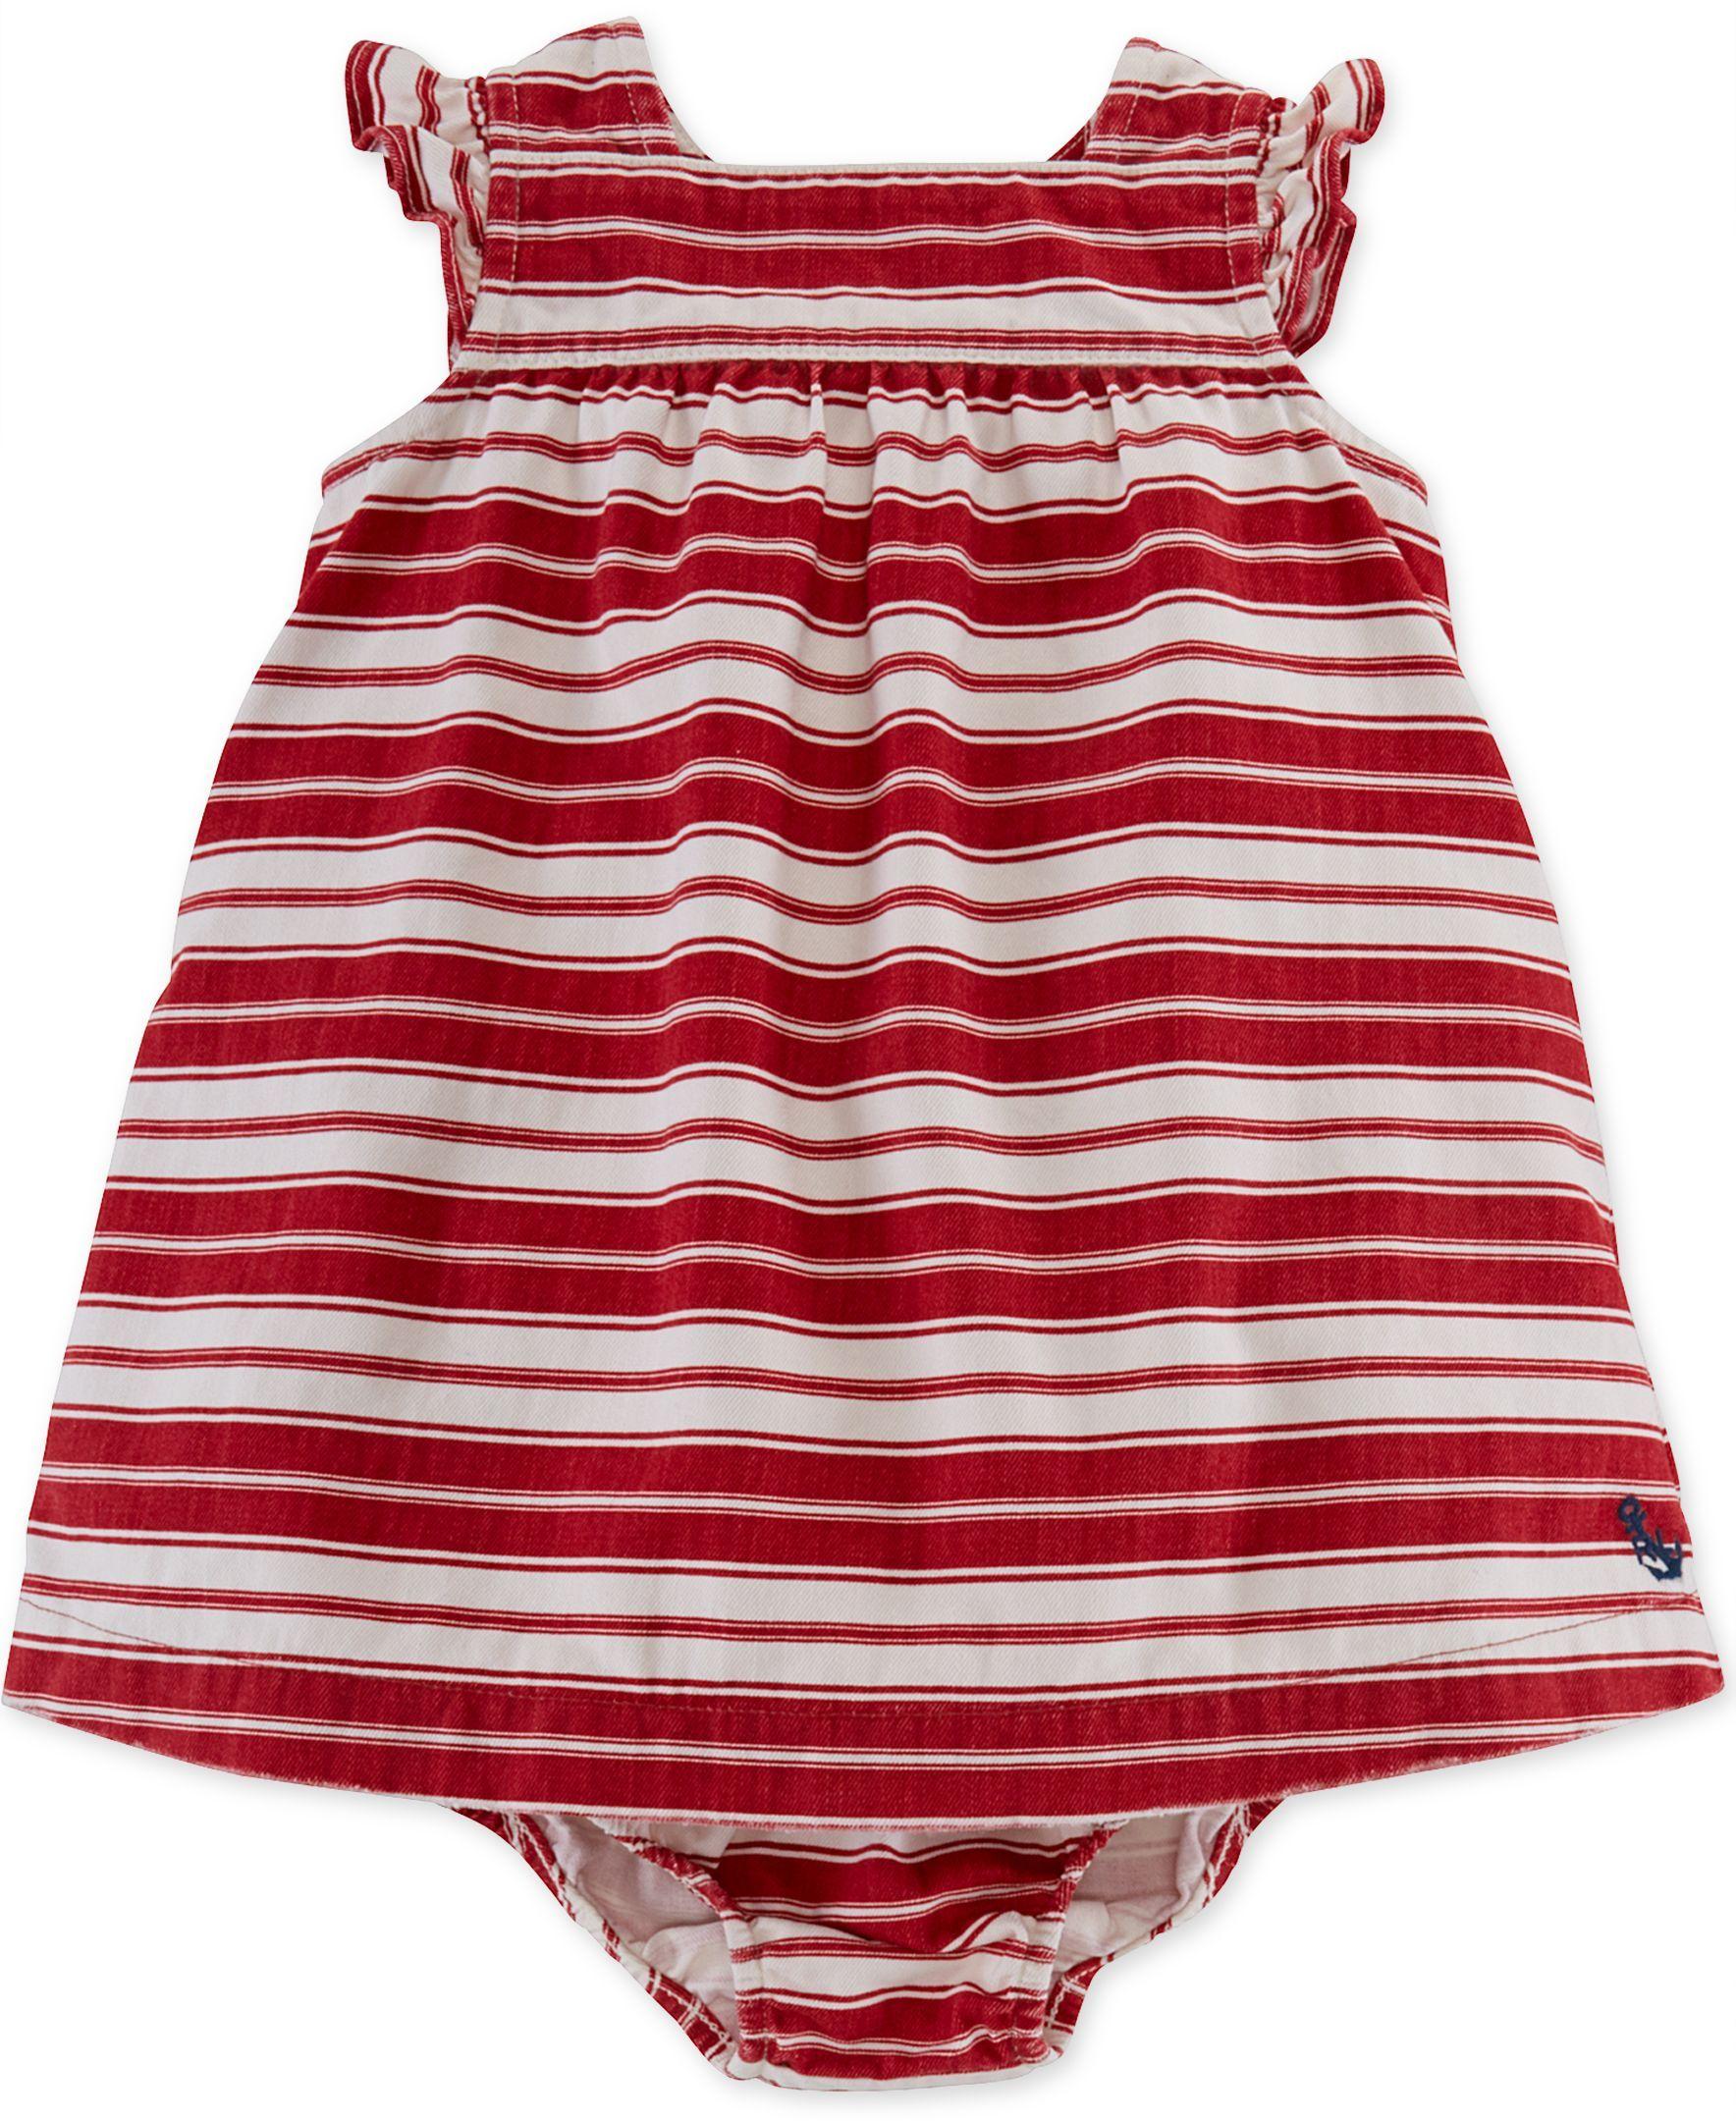 9280cce14 Ralph Lauren Baby Girls  Striped Ruffle Dress